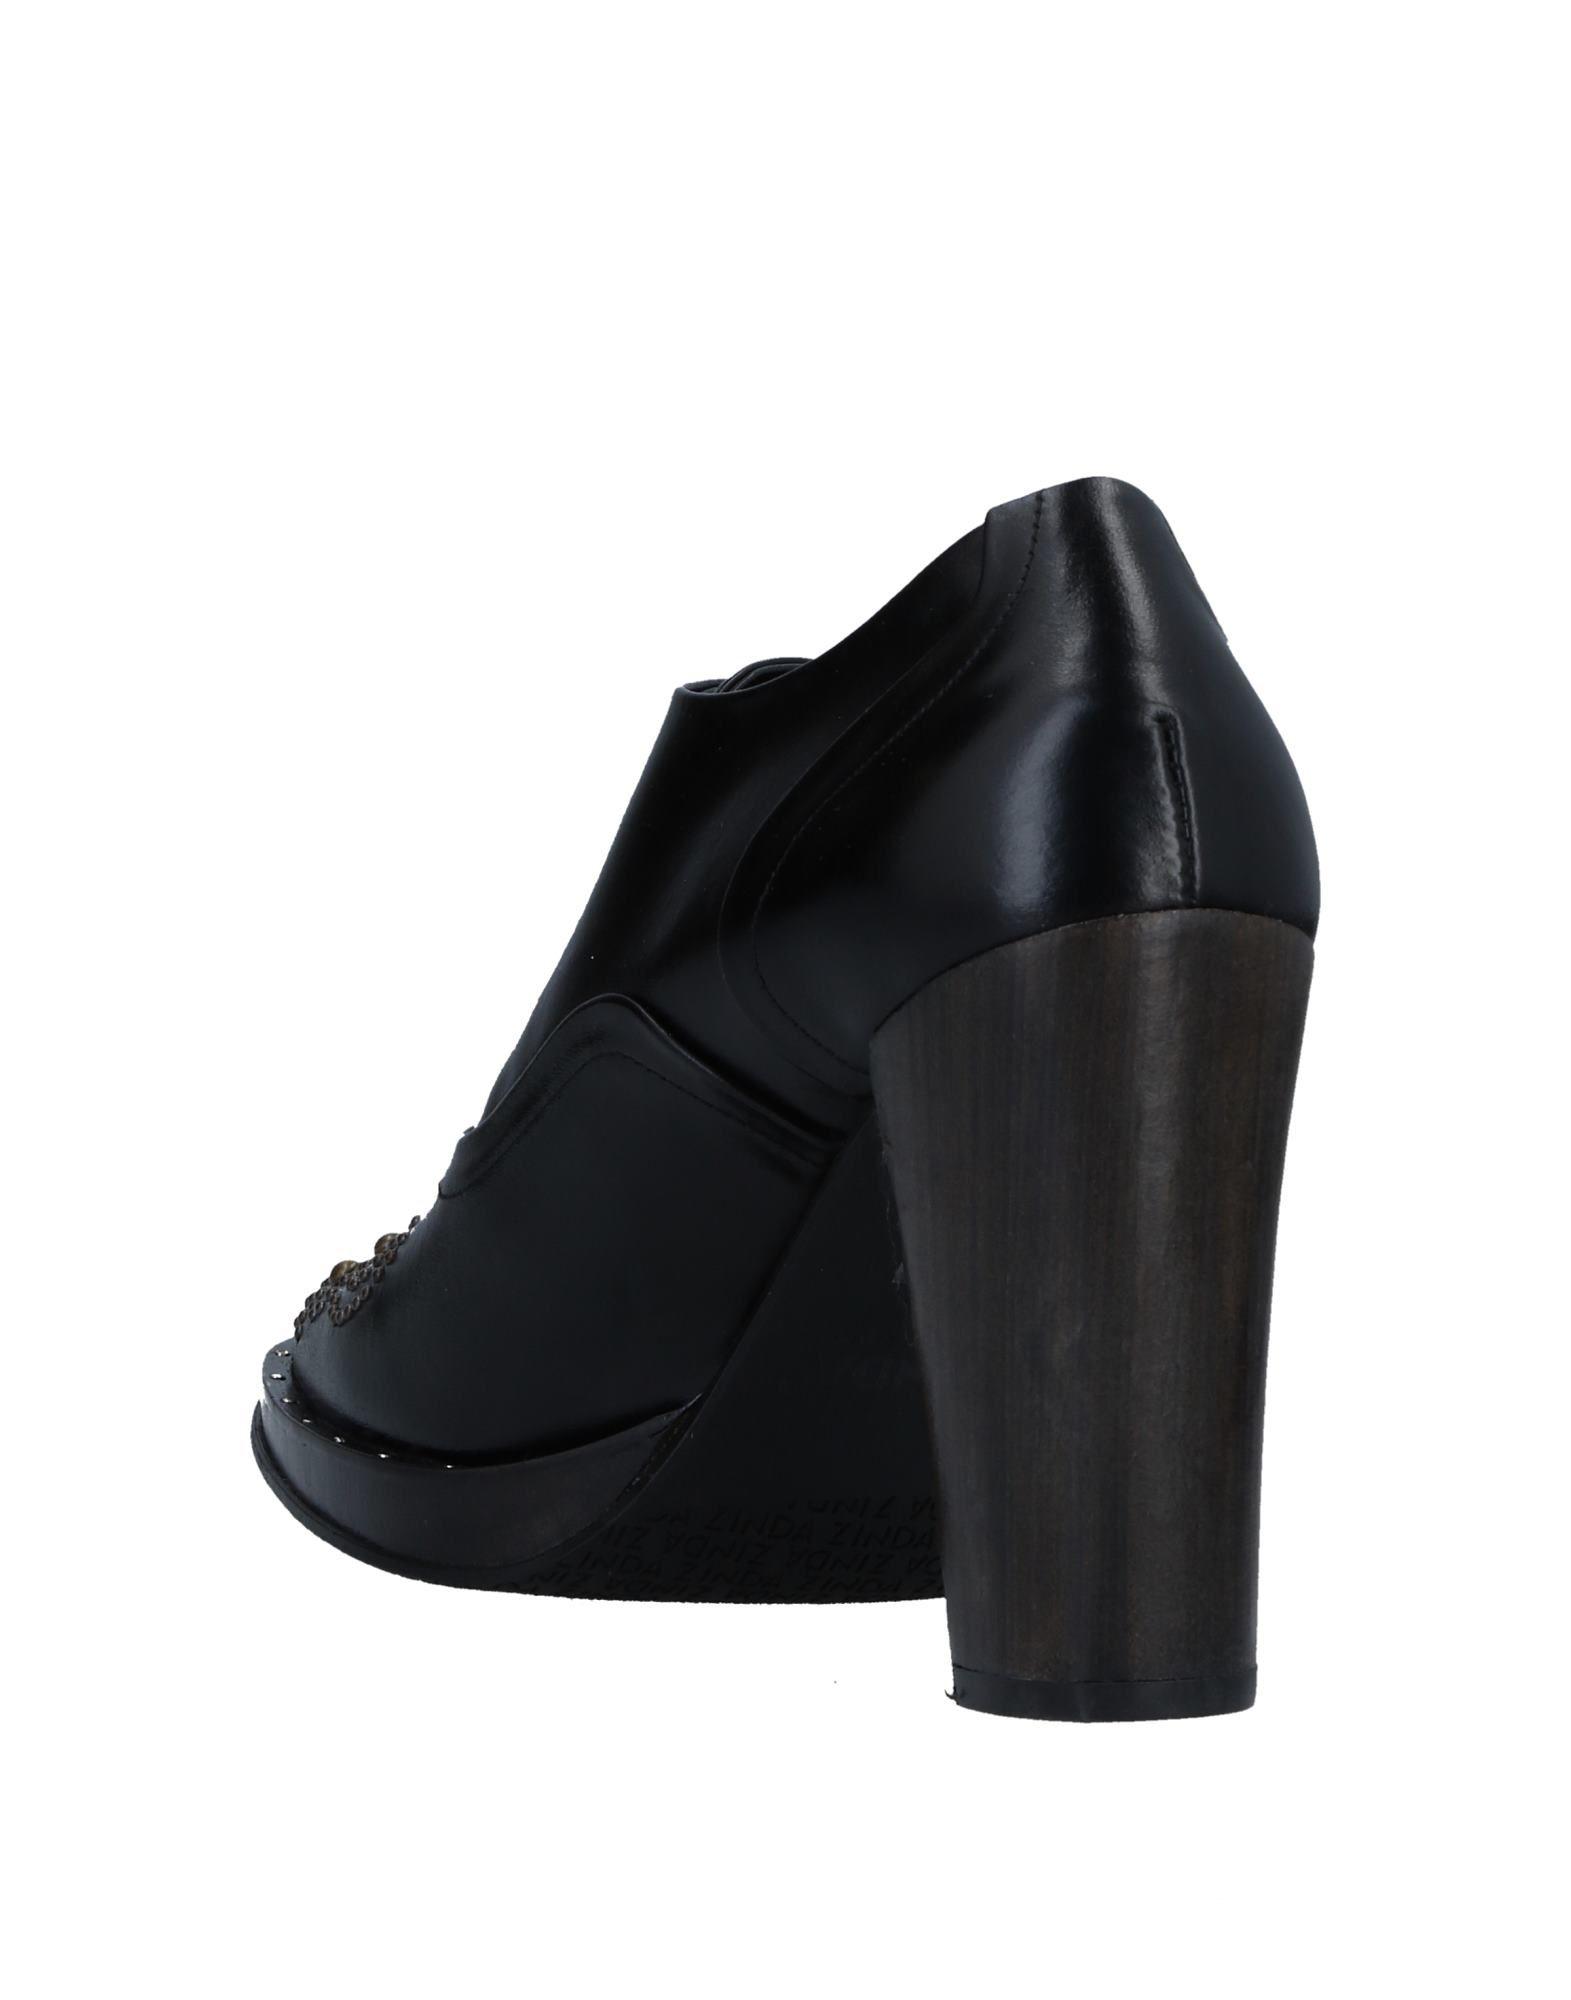 Zinda Schnürschuhe Damen  11518032AN Gute Qualität beliebte Schuhe